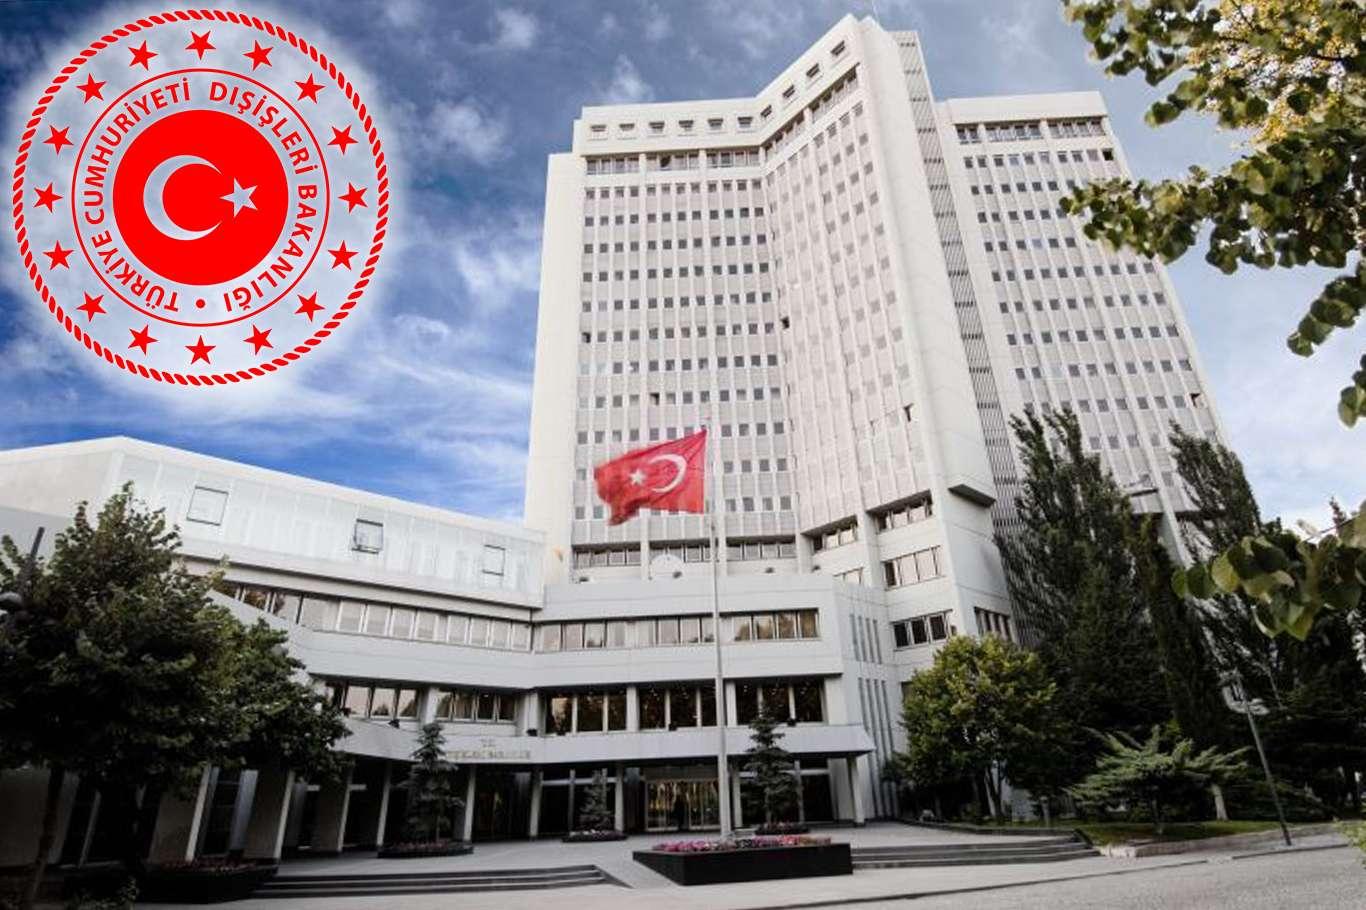 Dışişleri Bakanlığından Rusyadaki silahlı saldırıya kınama